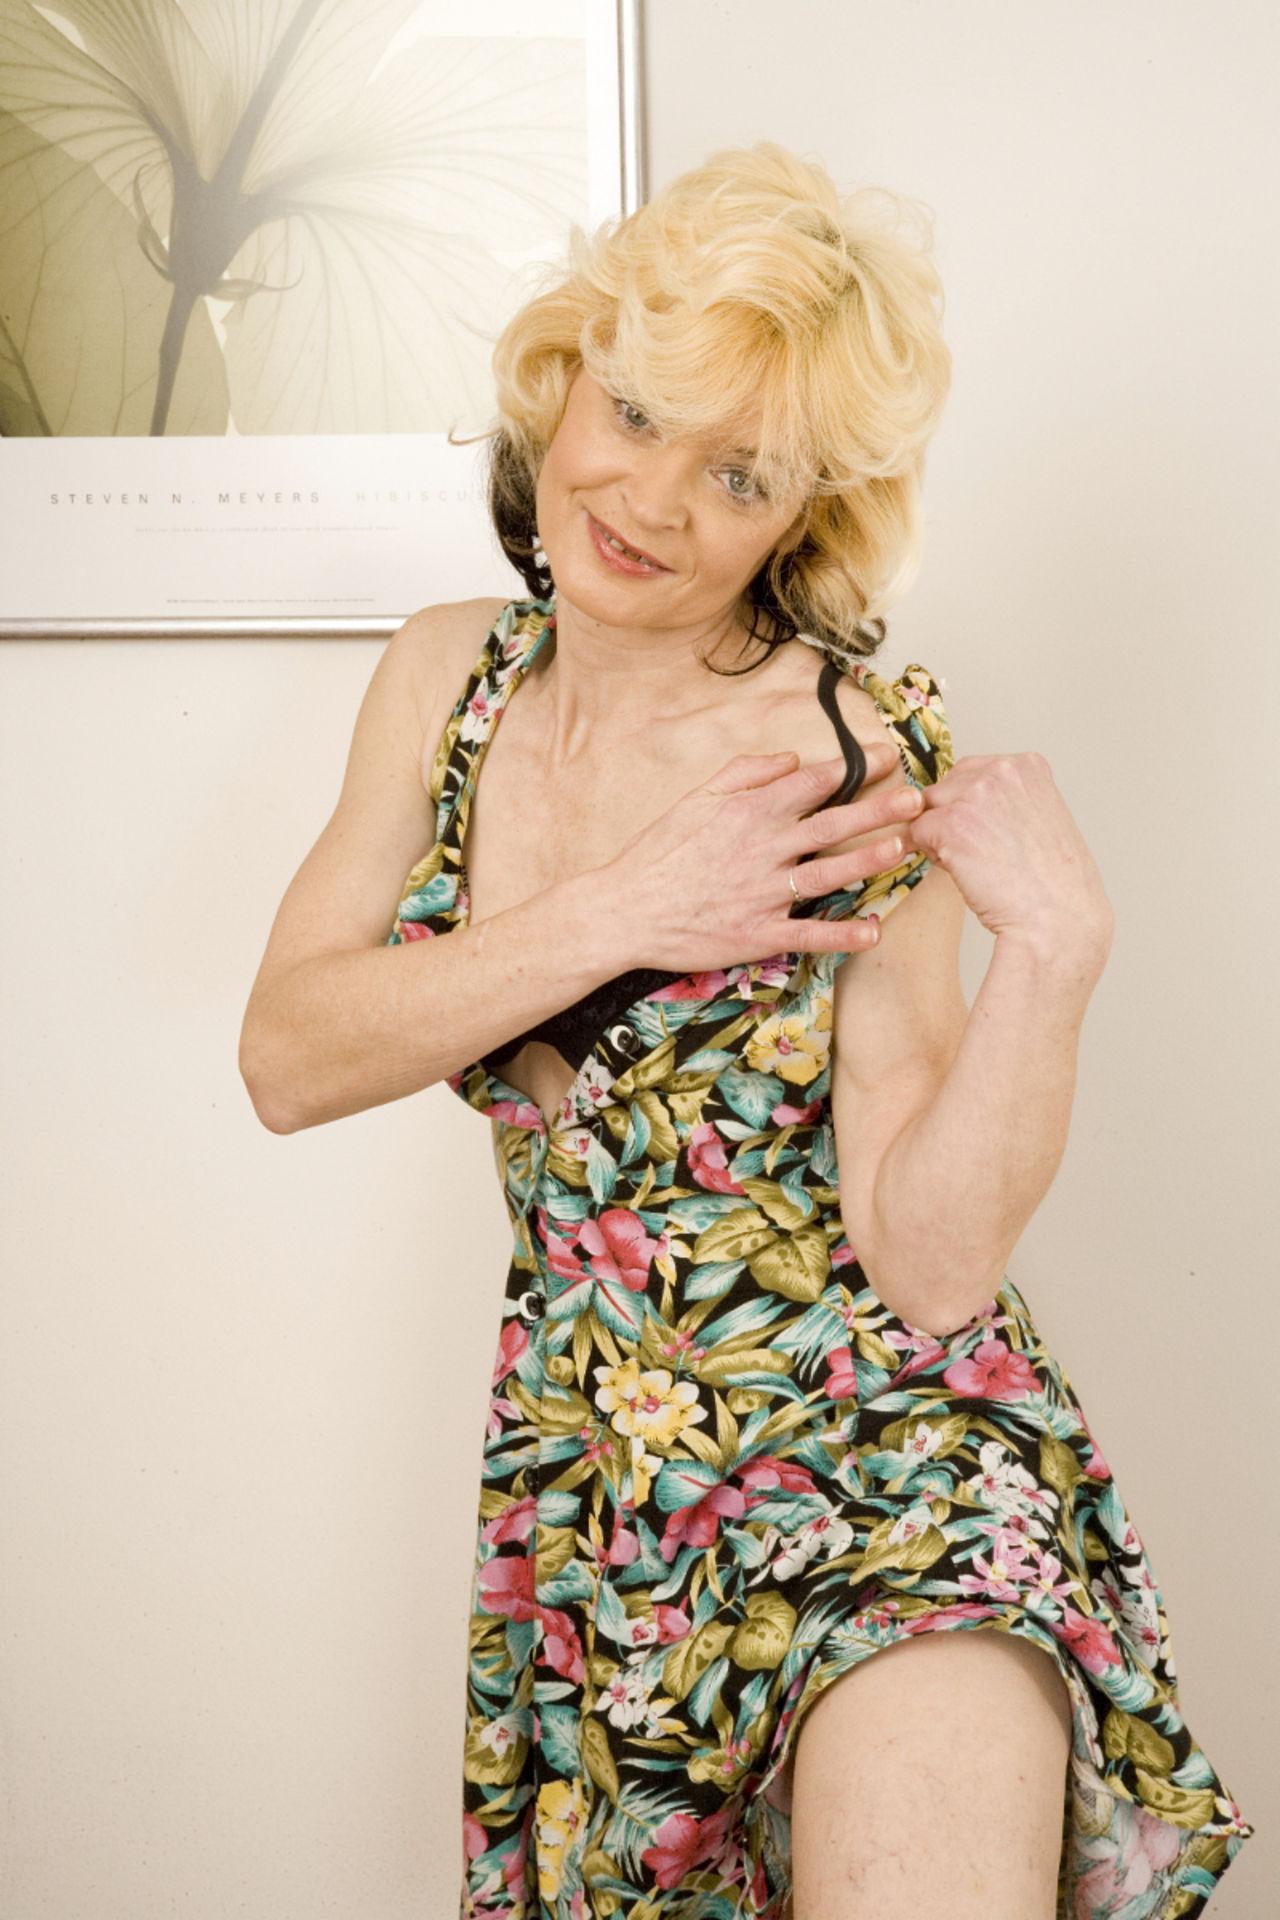 Billeder Sex I Kolding Sandt Om At Sidde Omkring År,